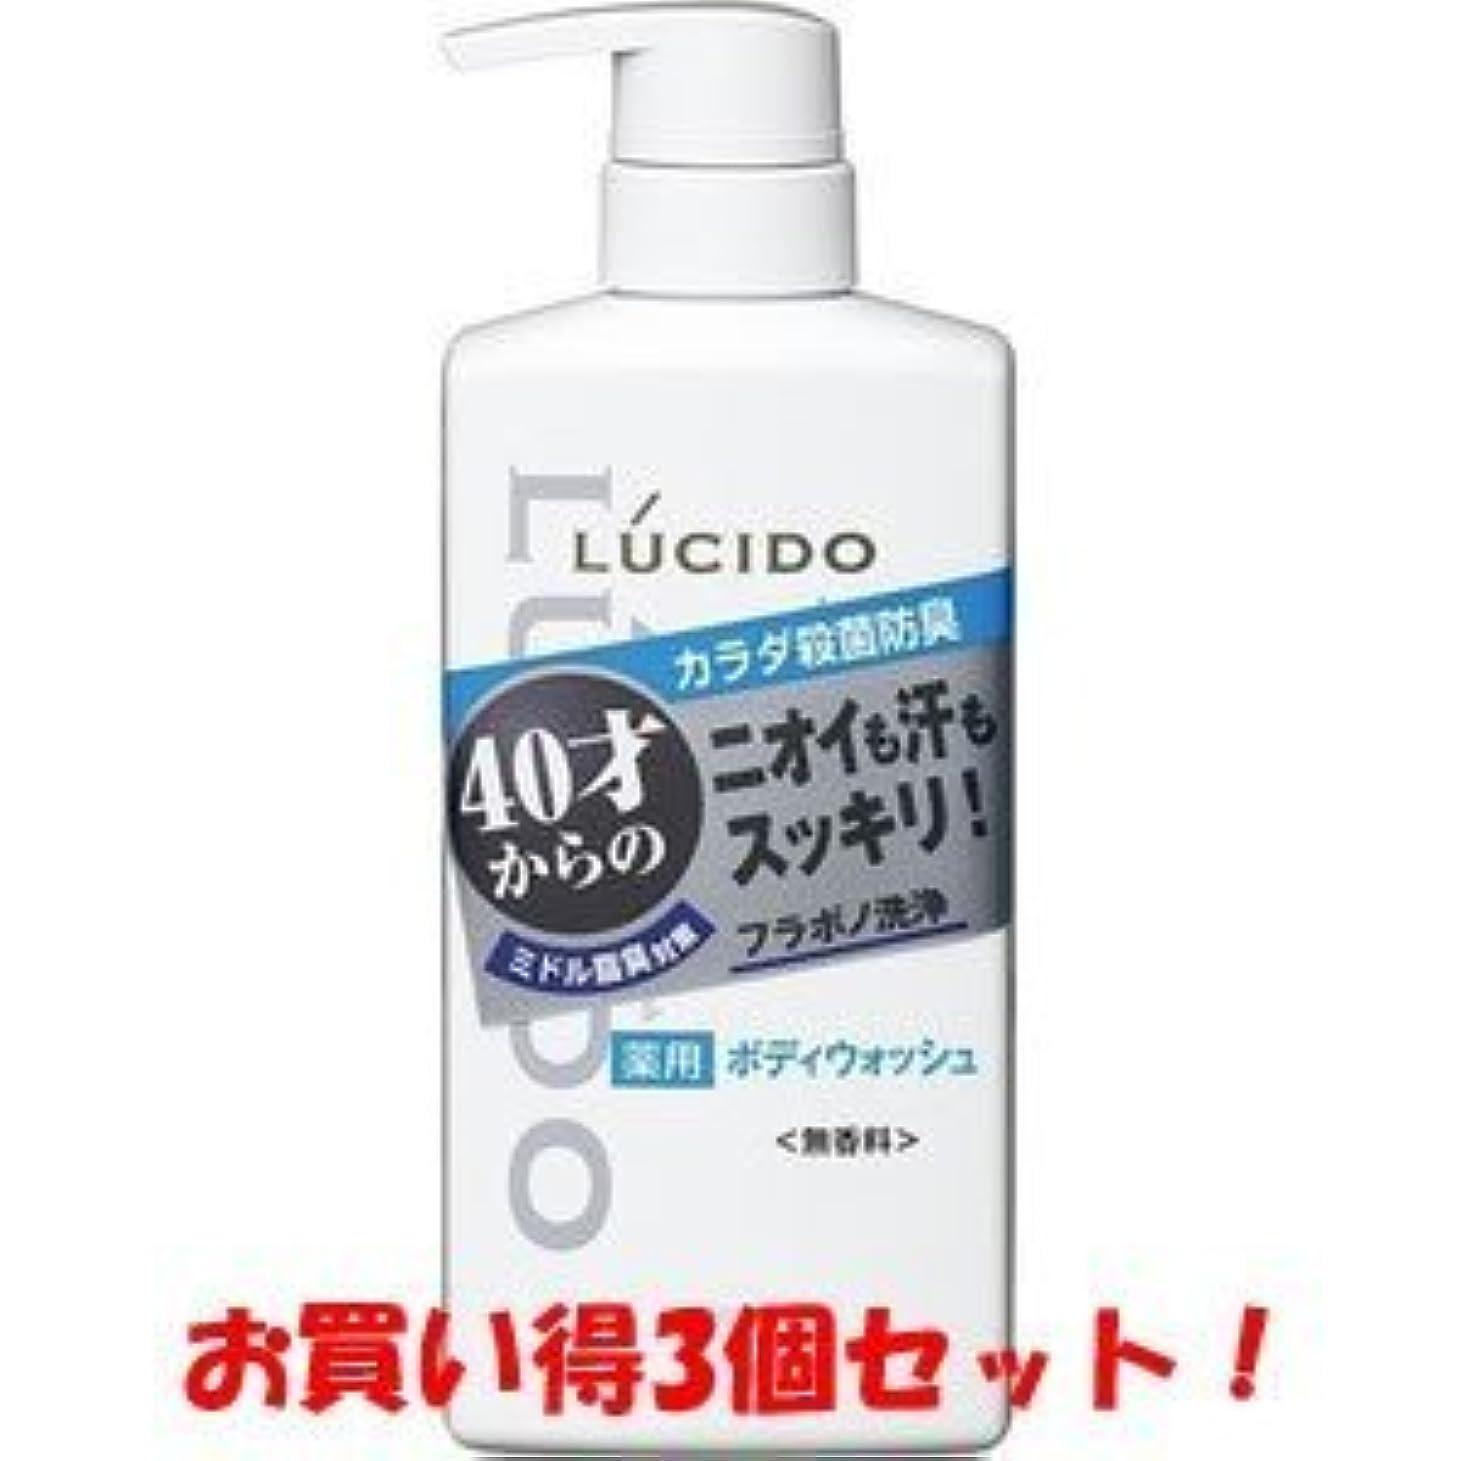 証明書ノーブルみなす【LUCIDO】ルシード 薬用デオドラントボディウォッシュ 450ml(医薬部外品)(お買い得3個セット)